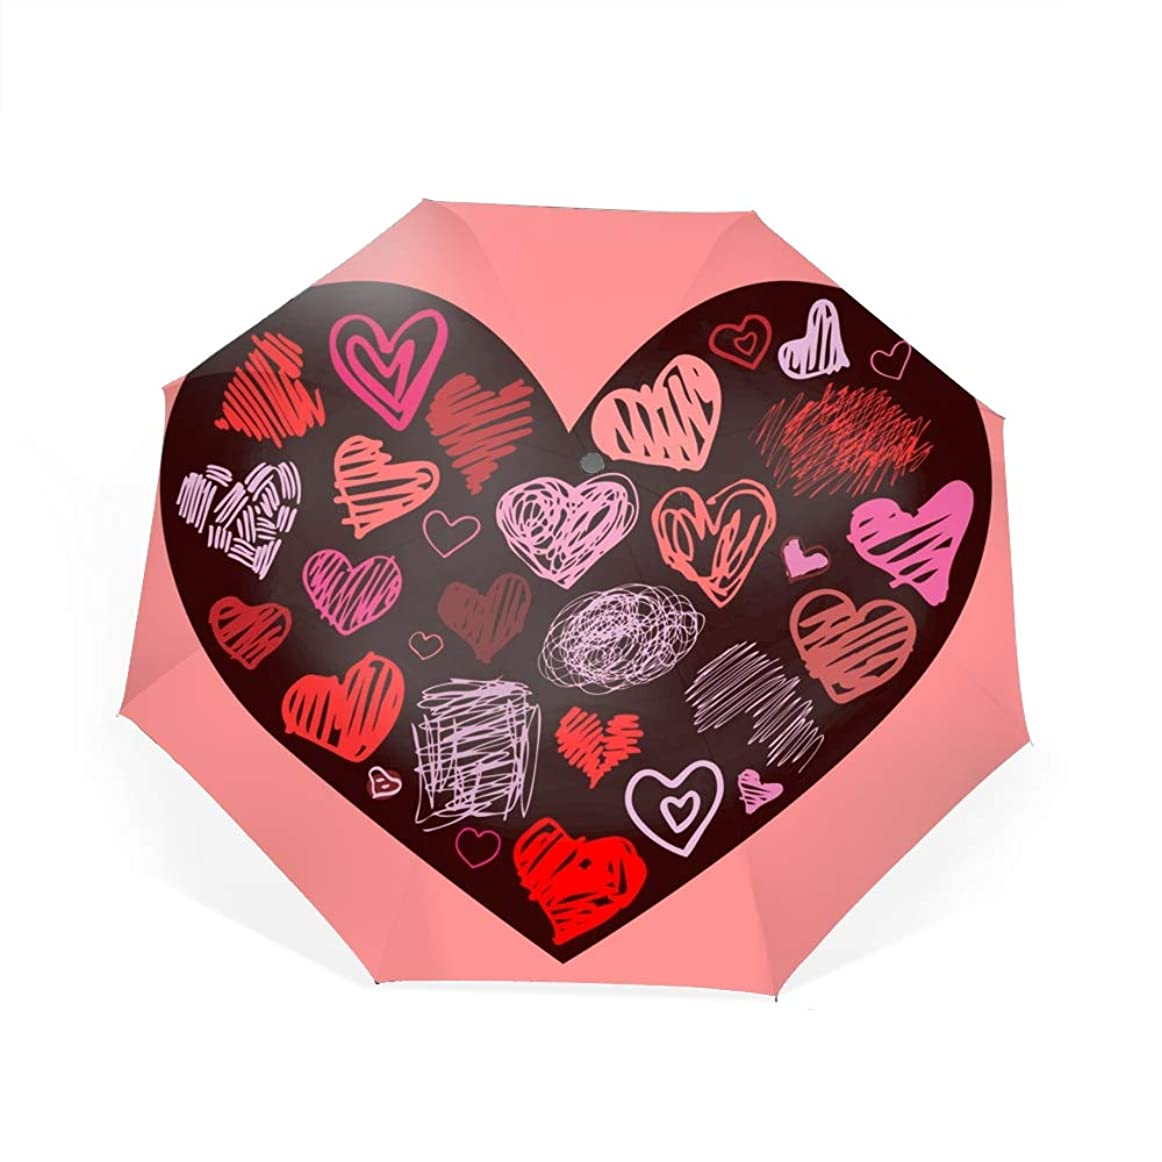 夜の動物園南アメリカ不合格ハートデザイン要素自動開閉折り畳み傘 2重構造 耐風撥水8本骨 男女兼用 丈夫 大型 大きな傘 梅雨対策 収納ポーチ付き